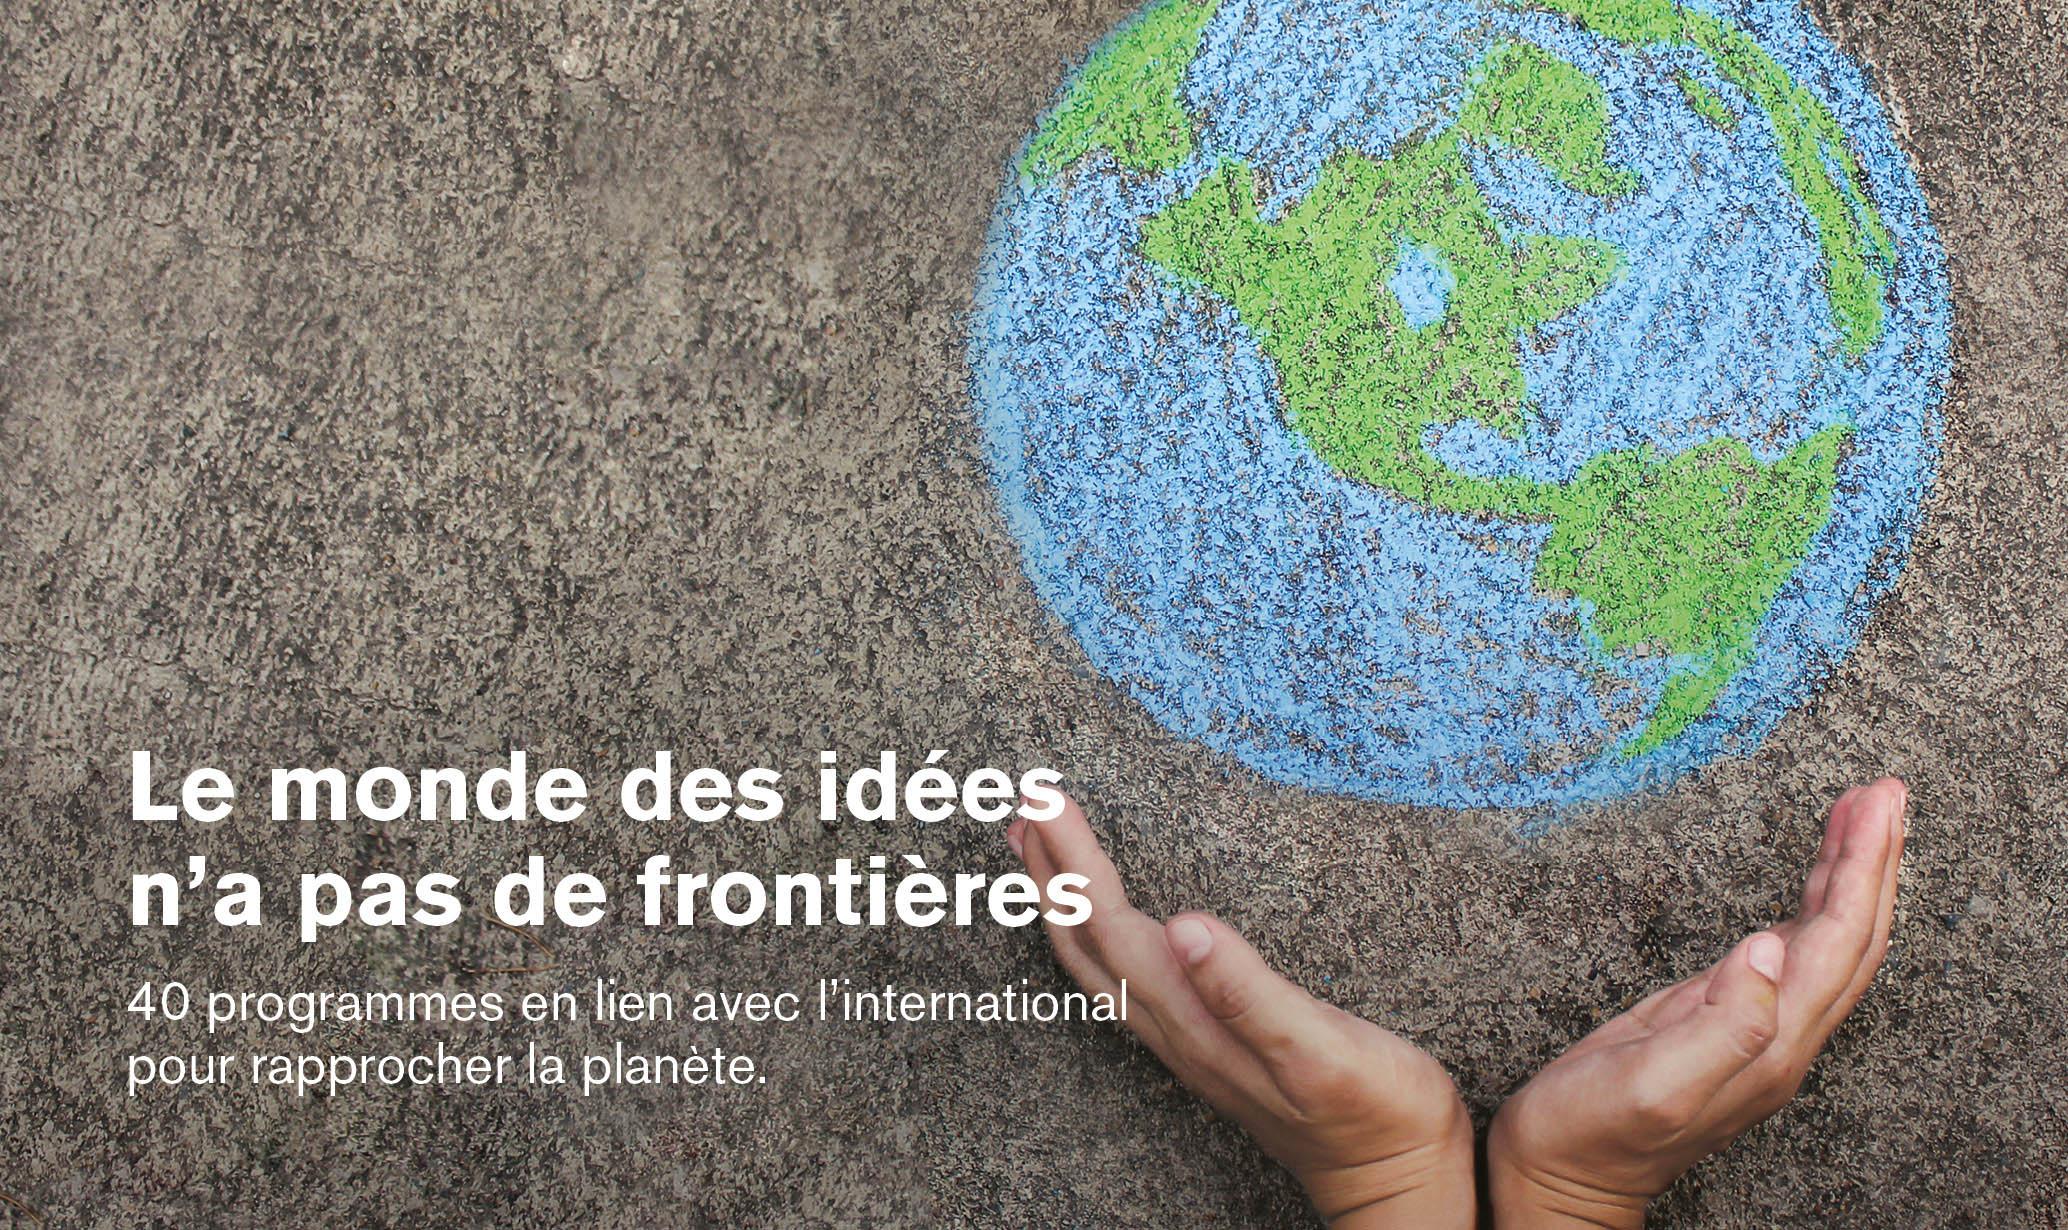 Le monde des idées n'a pas de frontières   40 programmes en lien avec l'international pour rapprocher la planète.